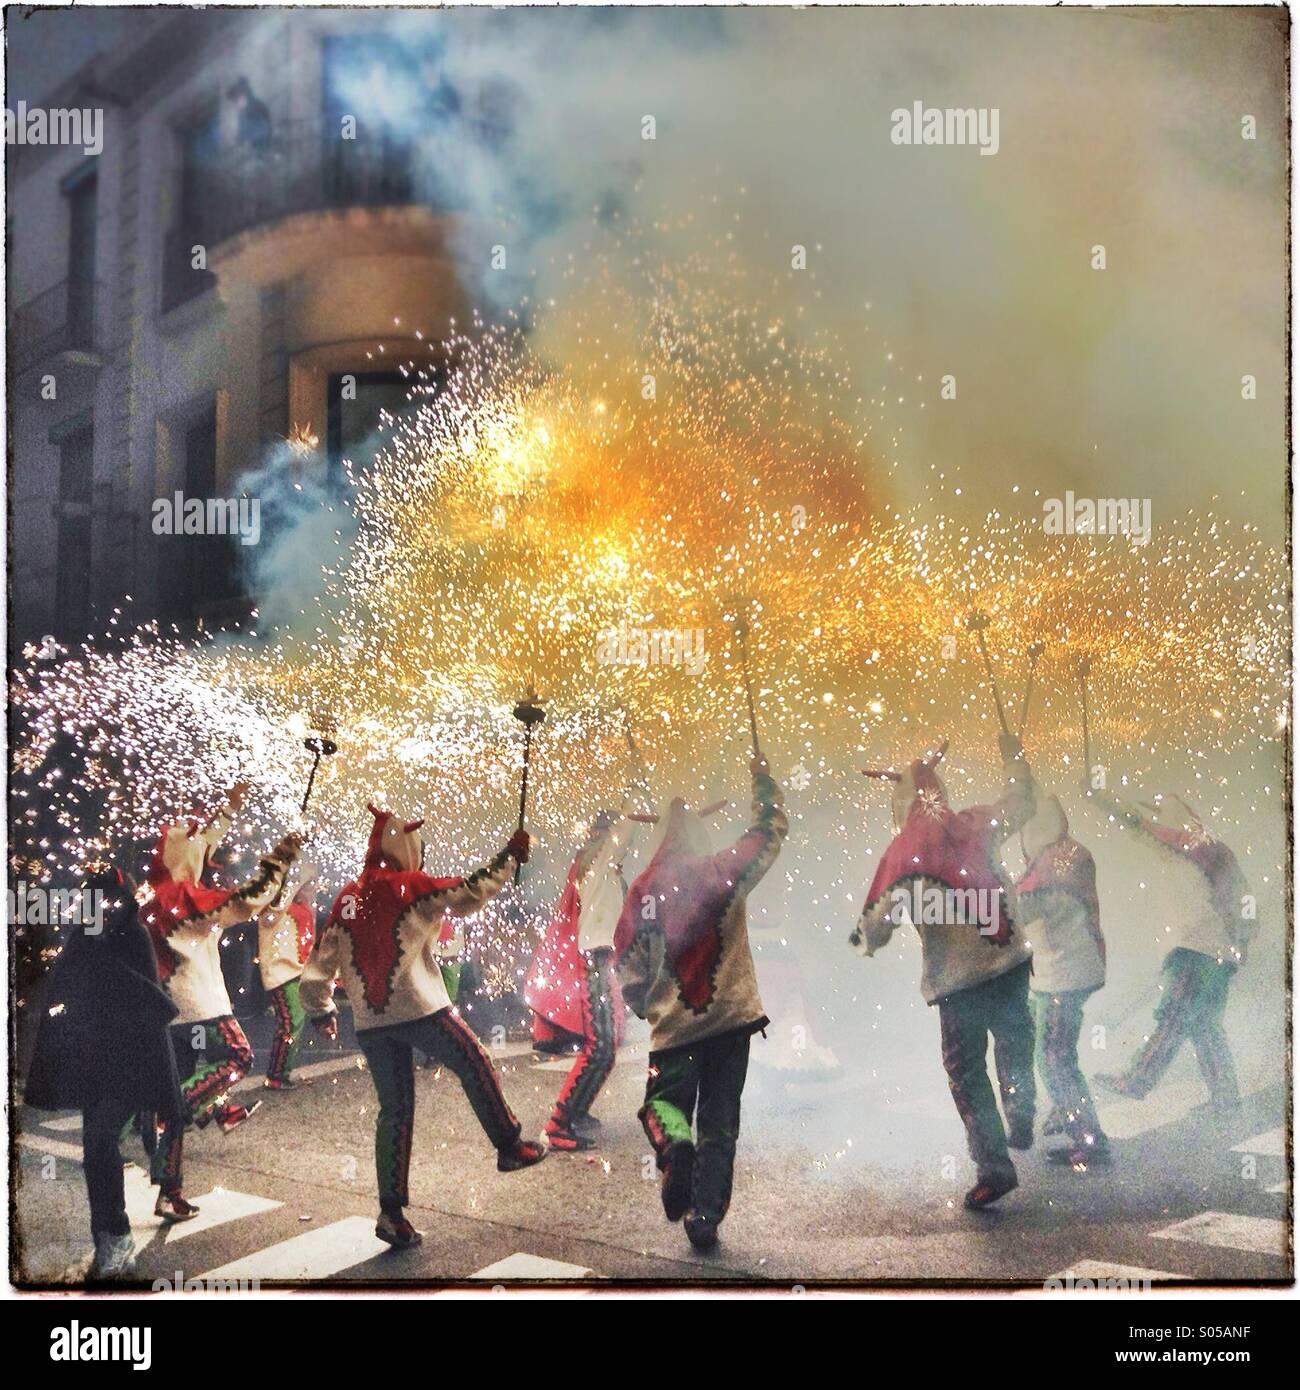 Correfoc, Fireworks, Les Santes, festival de la ville de Mataró, juillet, Barcelone, Espagne. Jeux incendie en Catalogne Banque D'Images